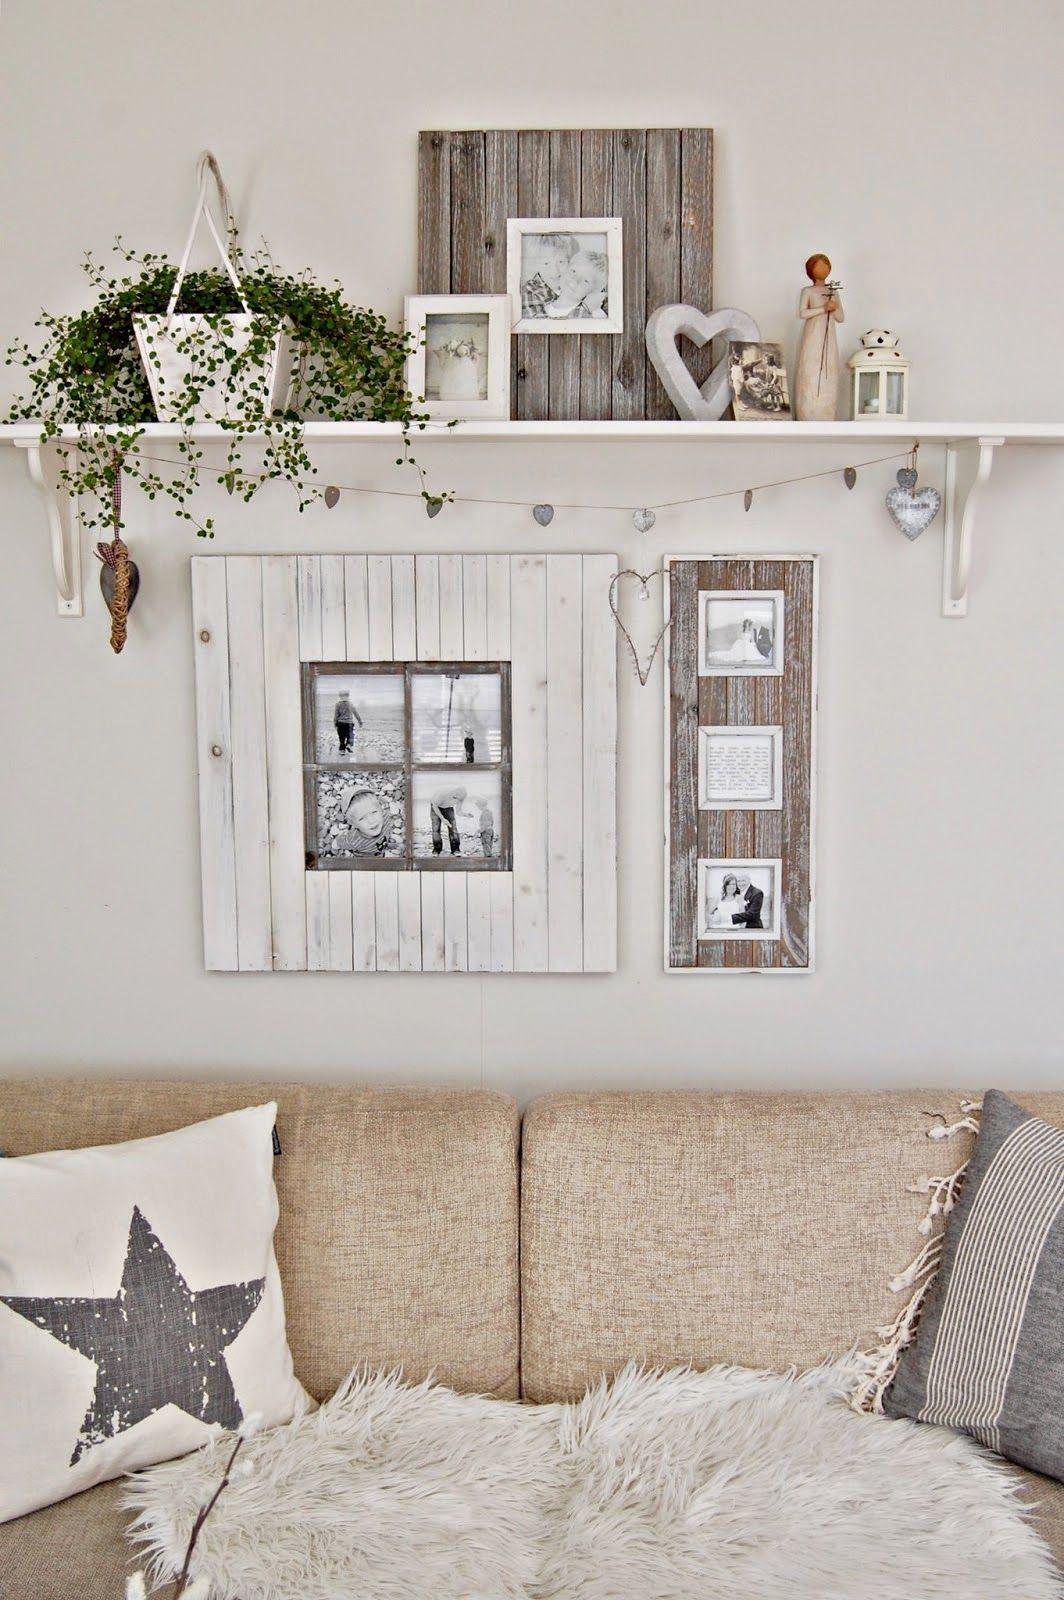 White Wall Decor Pequenos Detalhes Que Me Encantam Muito Achados De Decoração